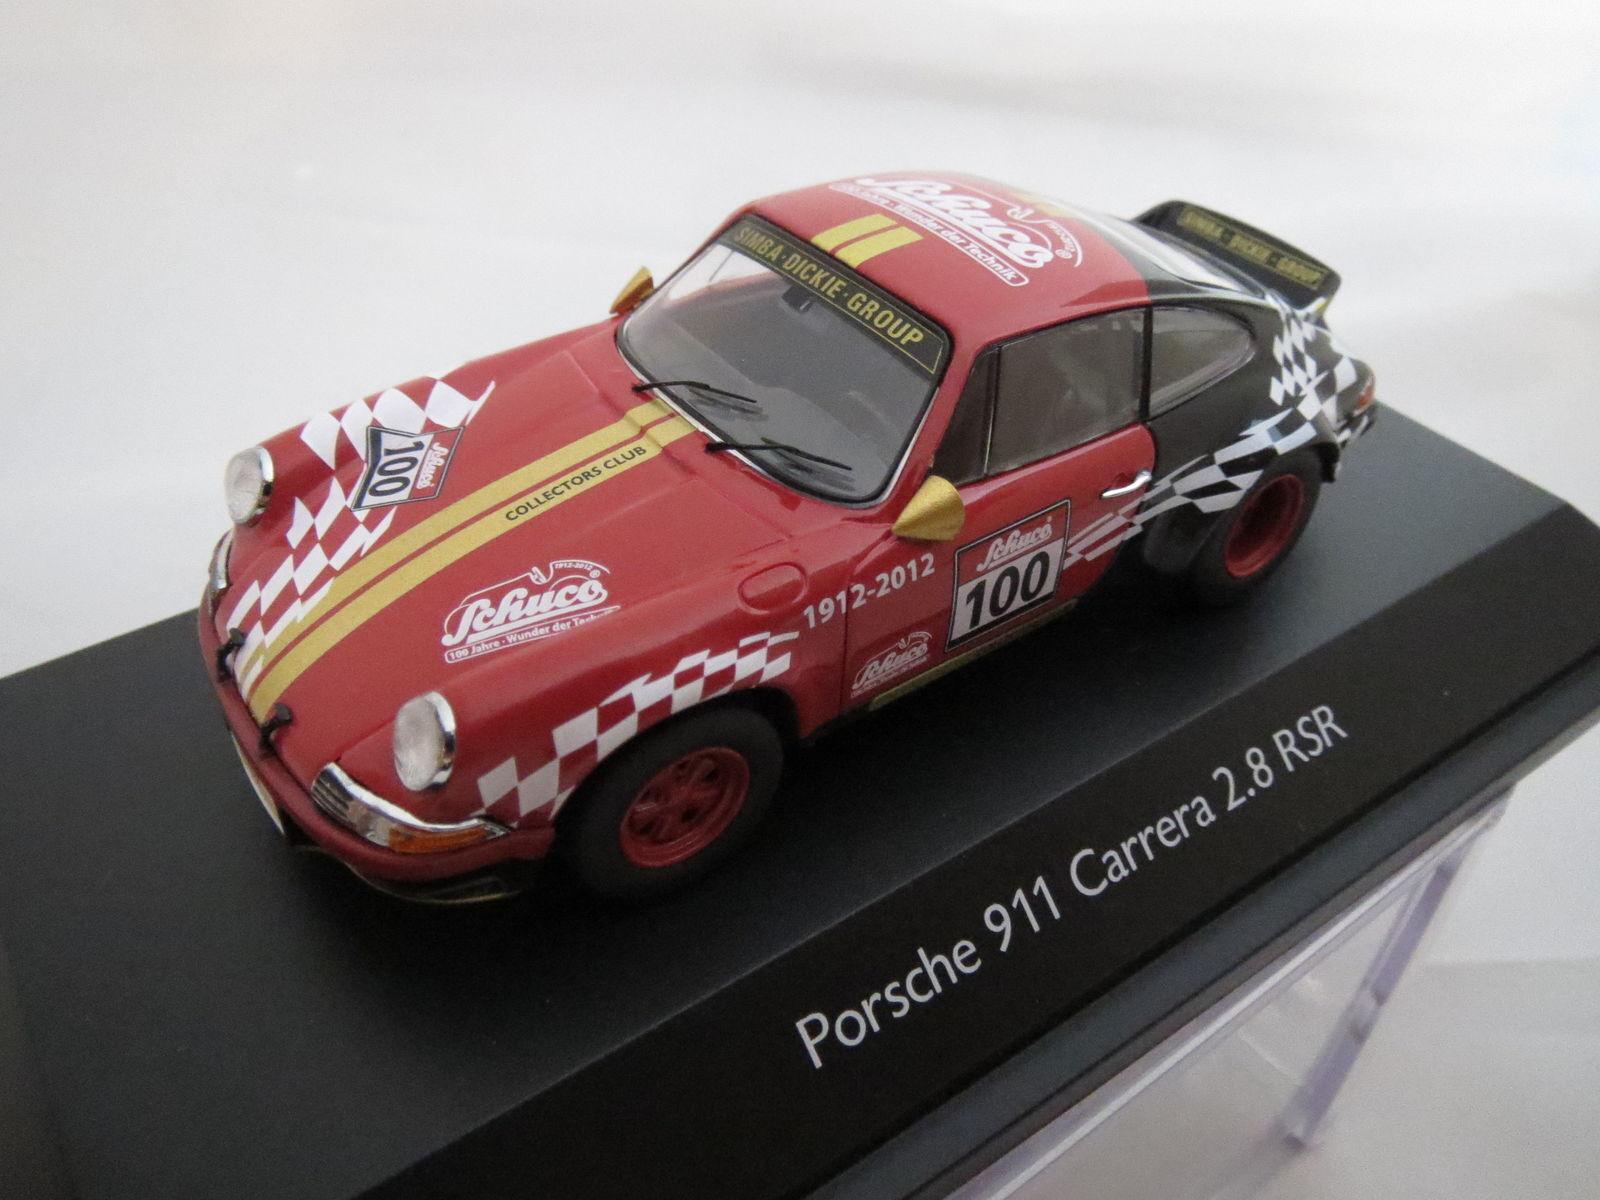 Schuco Porsche 911 carrera 2.8 rsr-Exclusives club modelo 2012, en 1 43-ovp-top